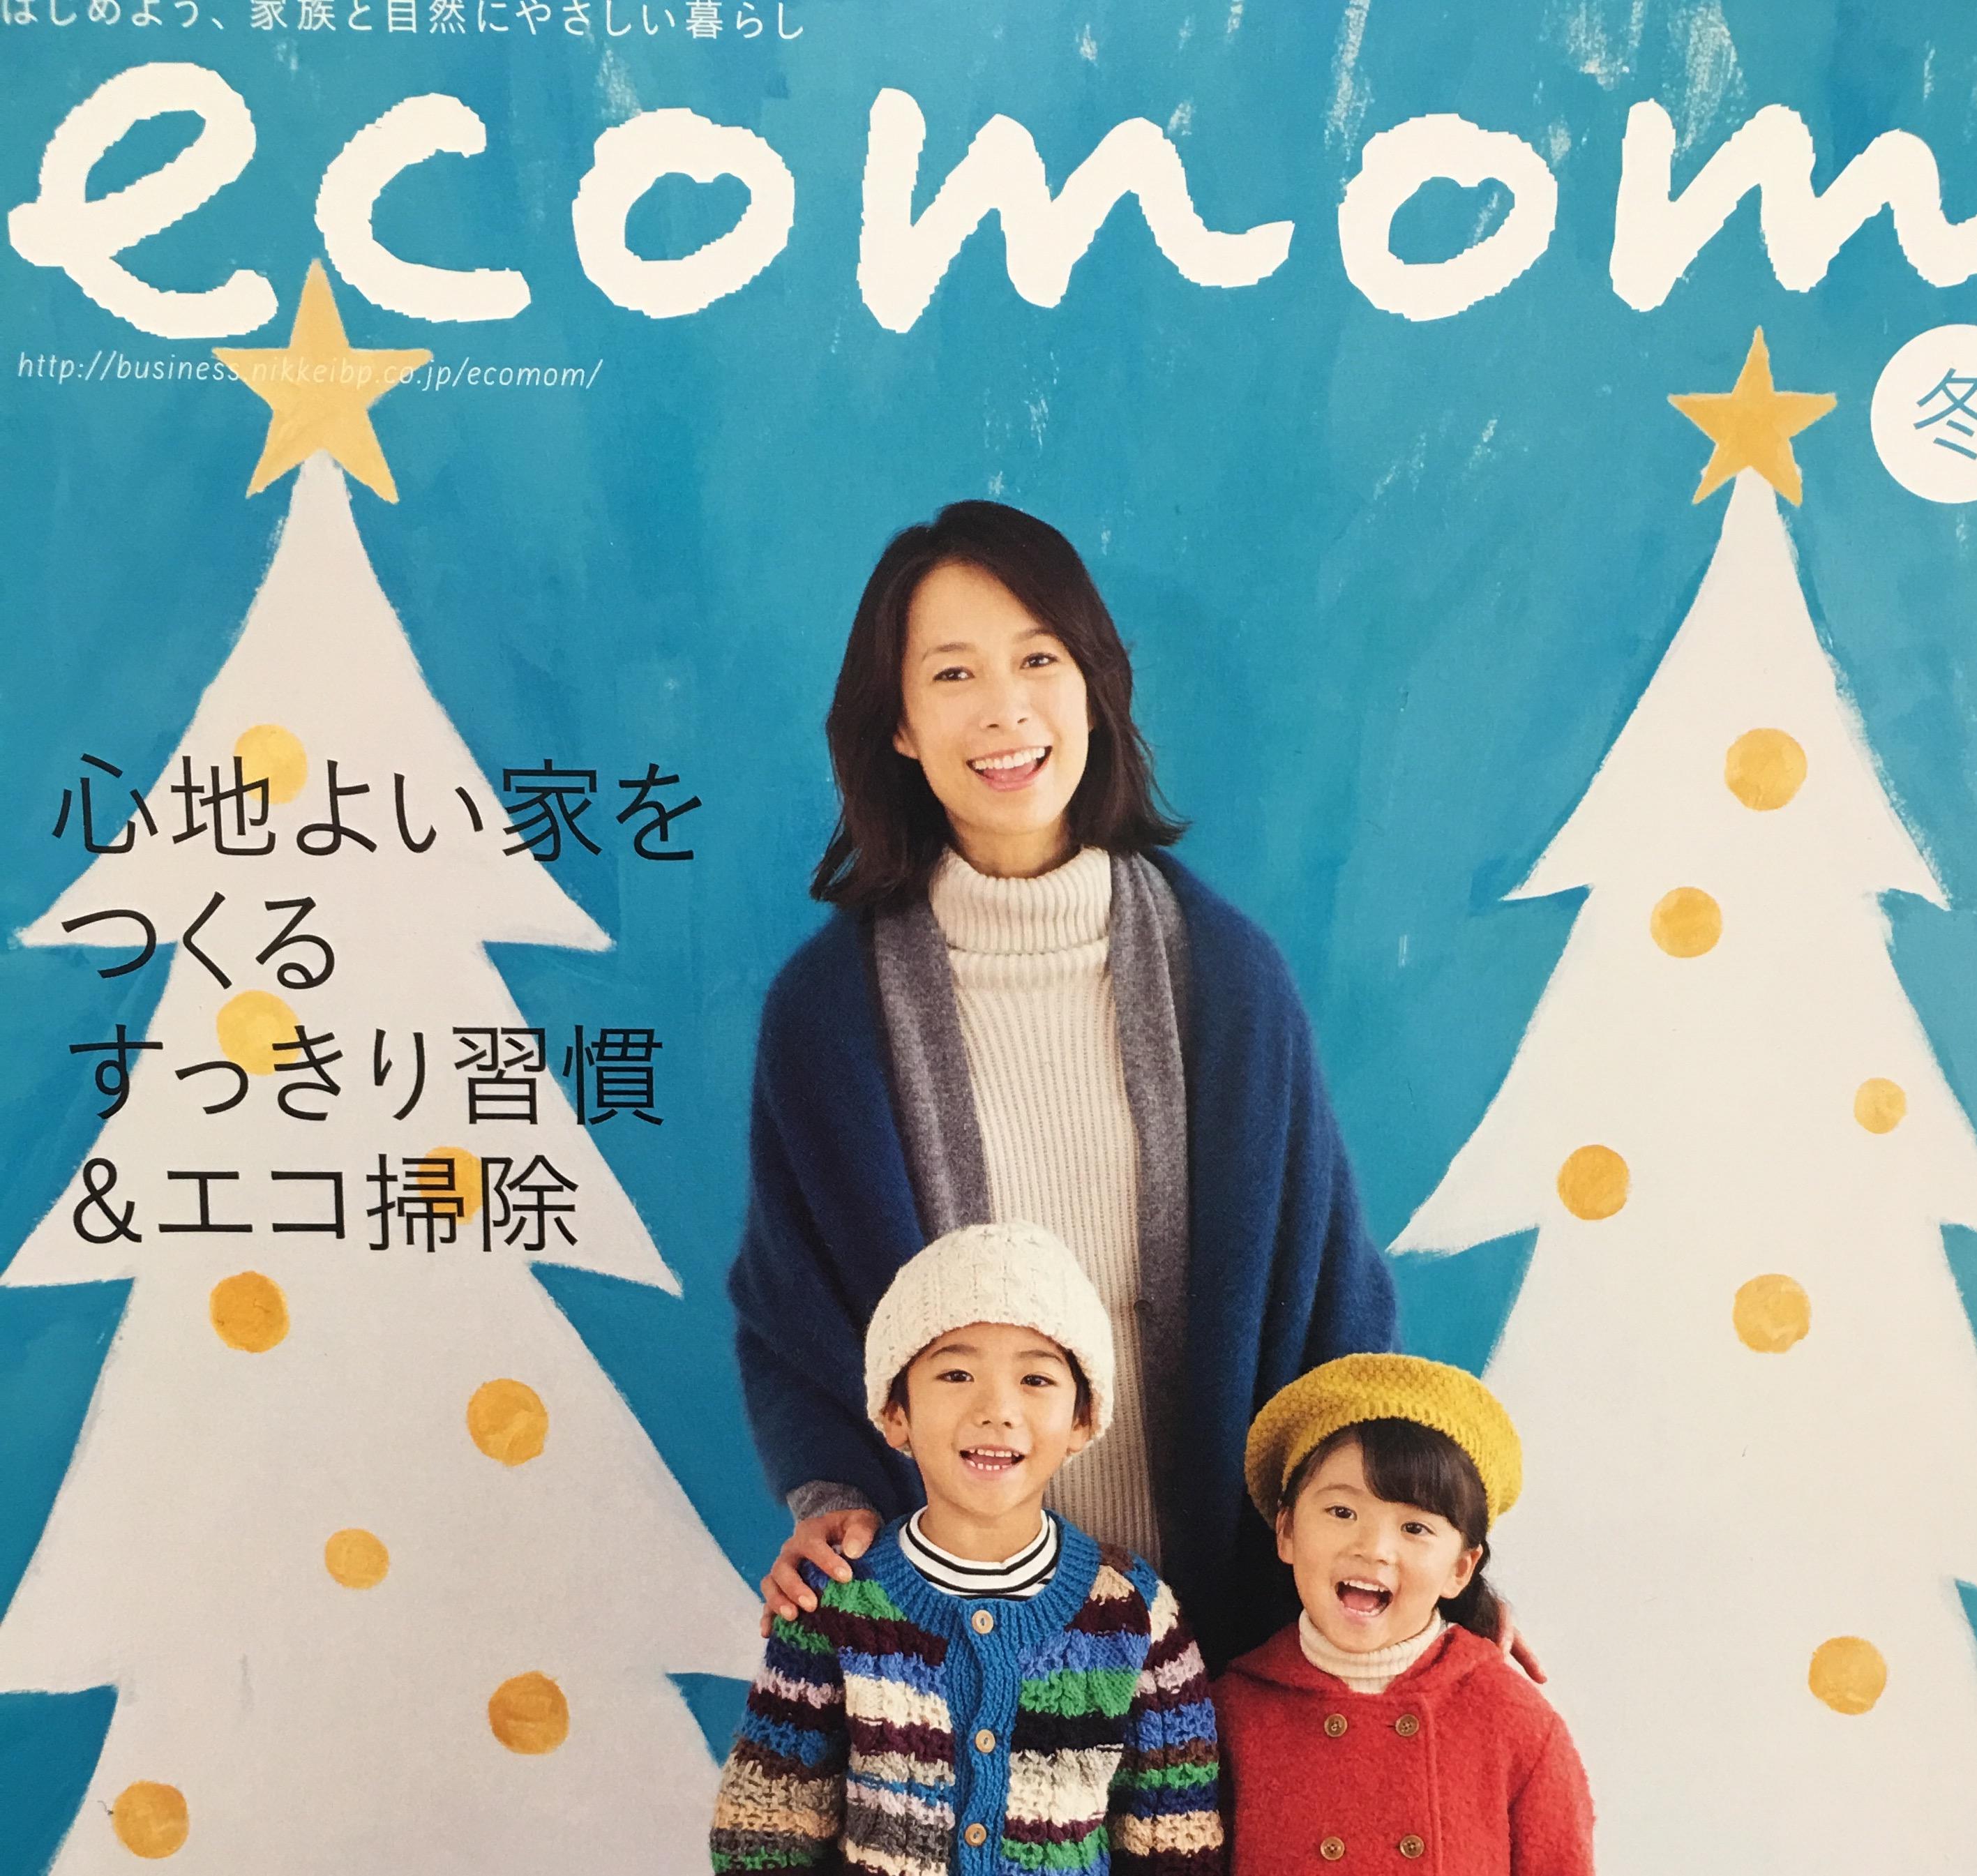 日経エコマムで大原千鶴さん料理ページ担当中